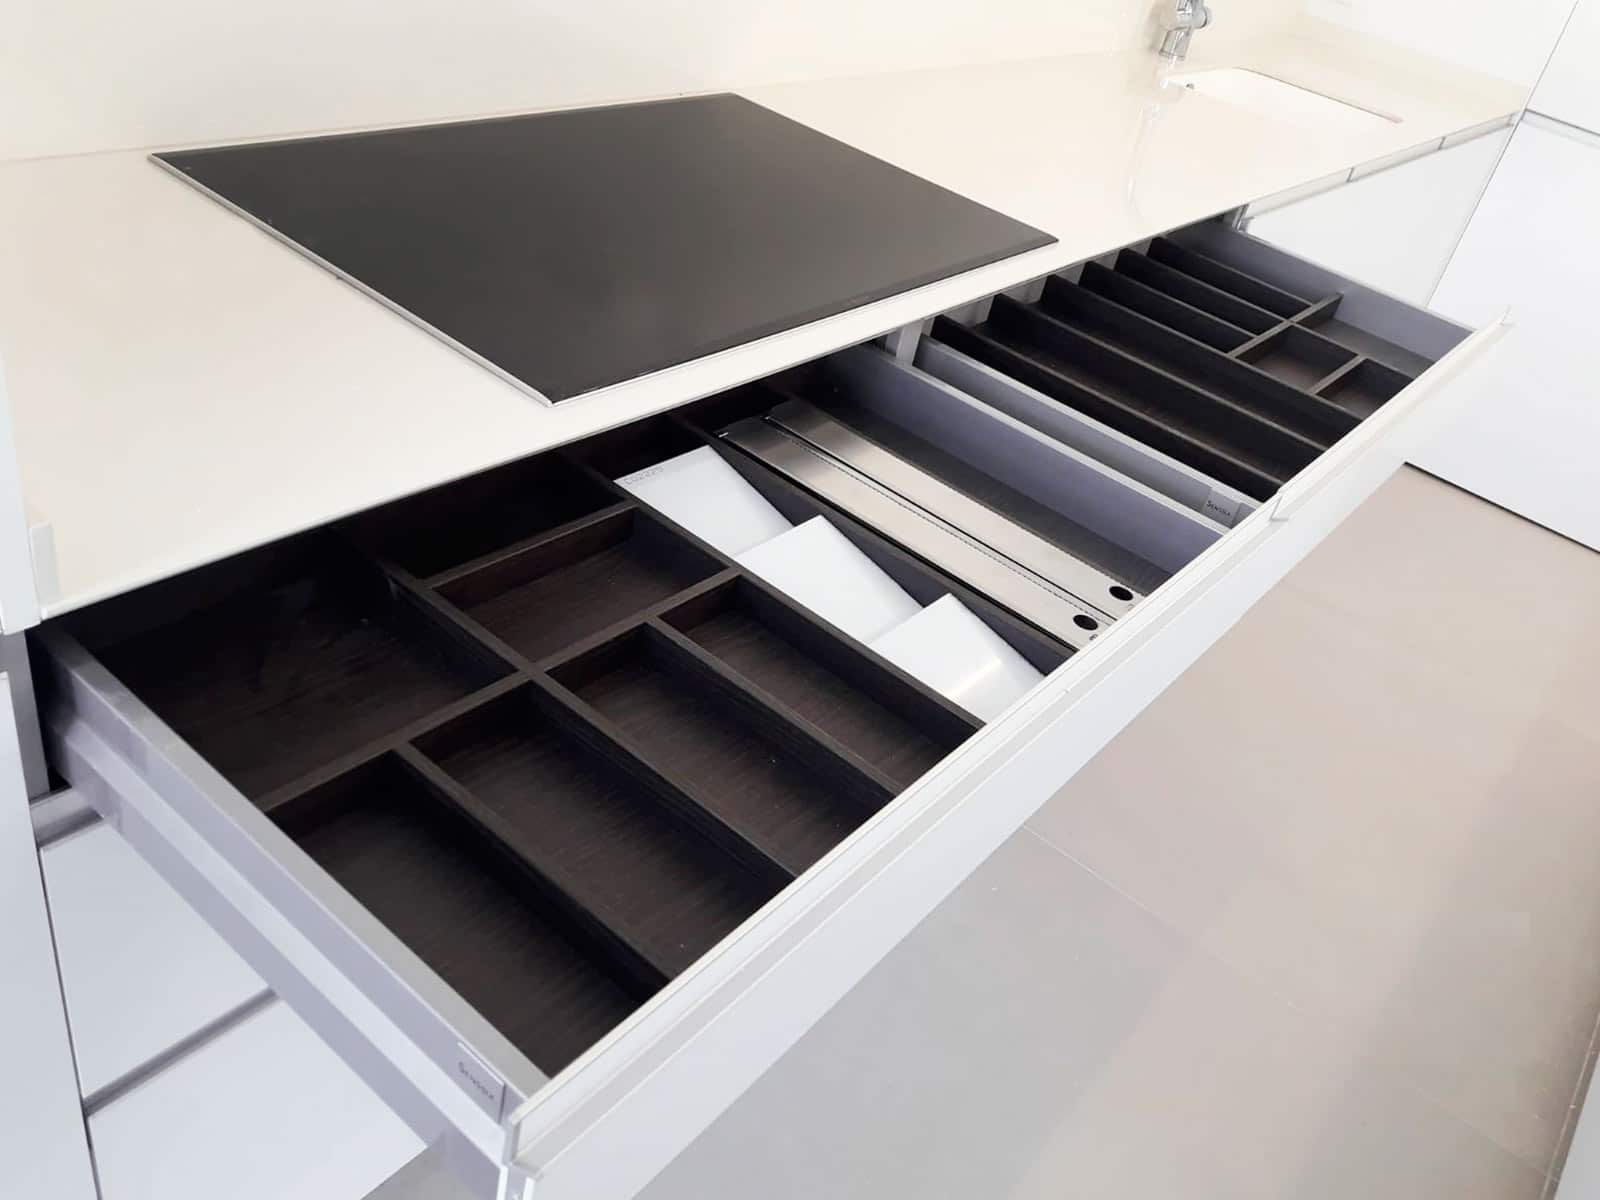 Vista de cuberteros de madera en cajón de mueble bajo placa de cocina